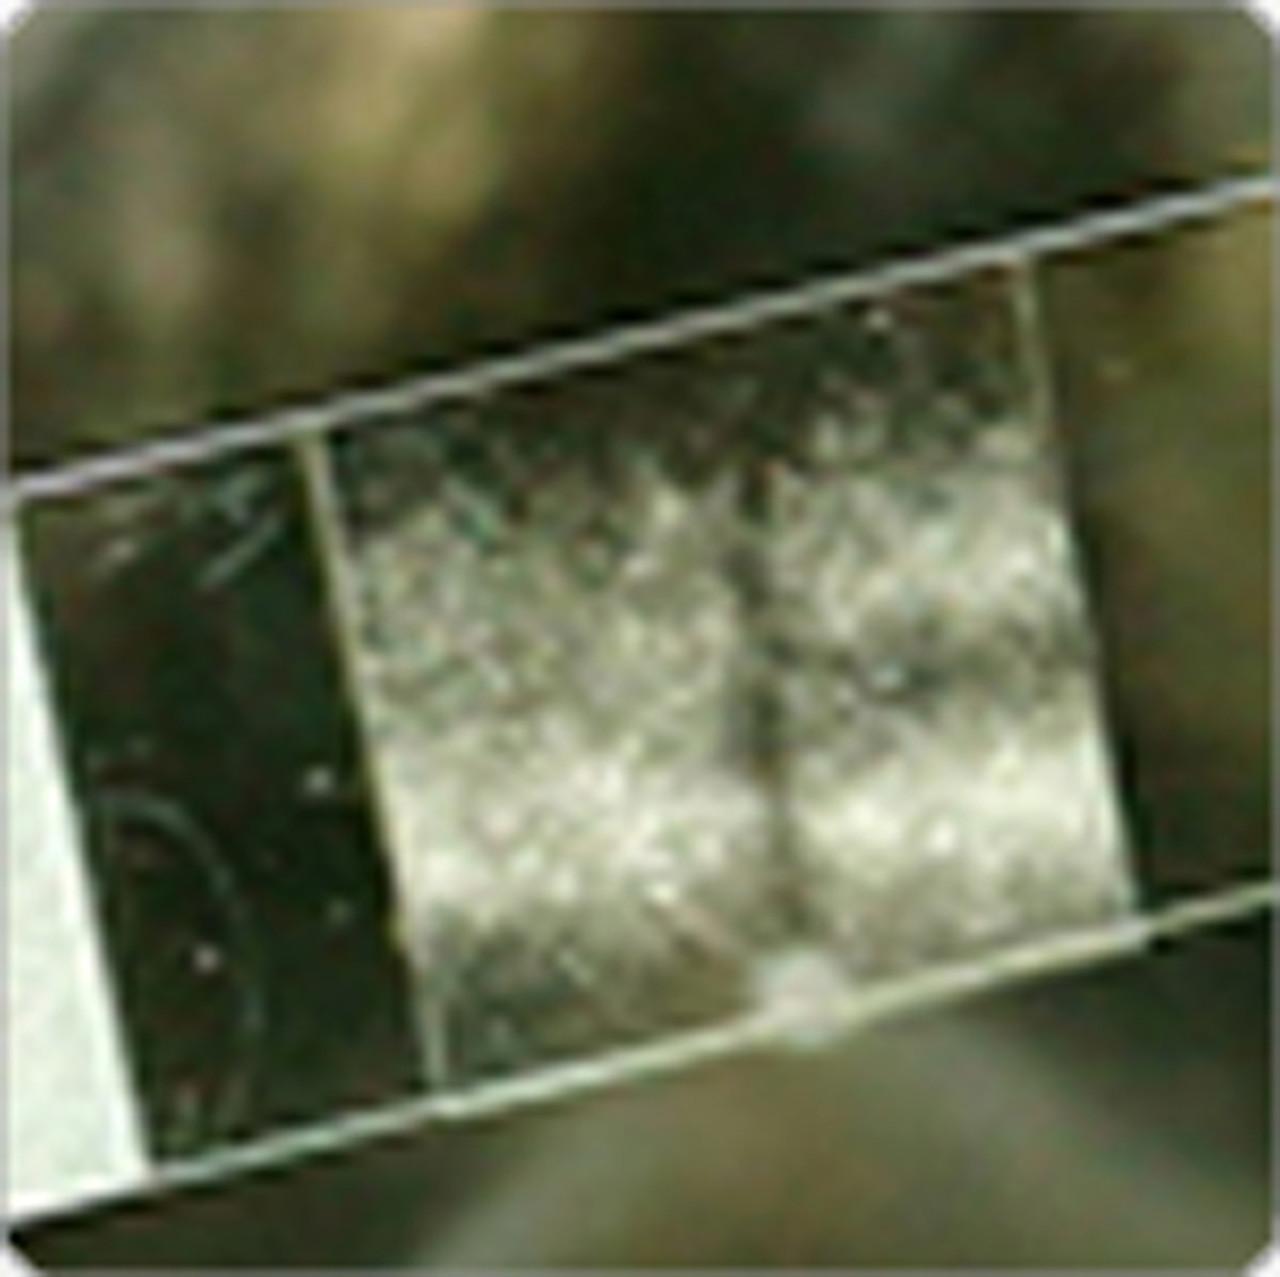 Microscope Starter kit - Slides, Cover Slips, Pipettes, Rack and Sample Tubes